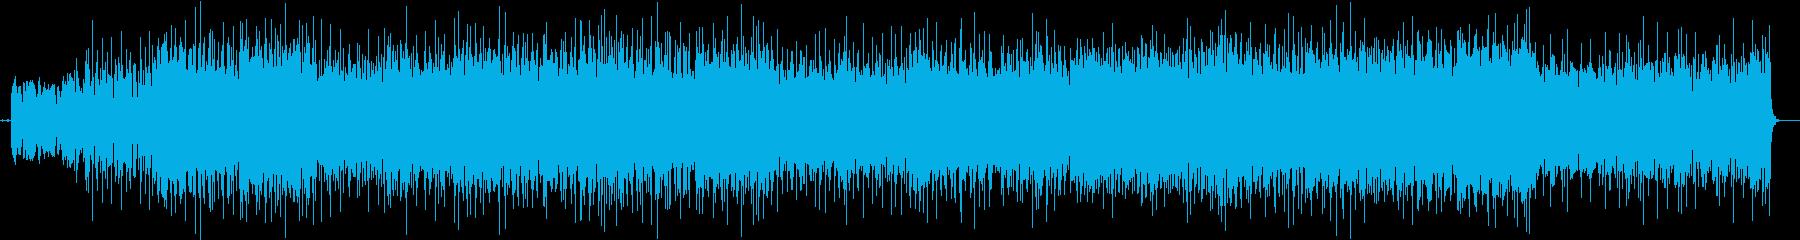 プログレ風味な'70s王道ハードロックの再生済みの波形